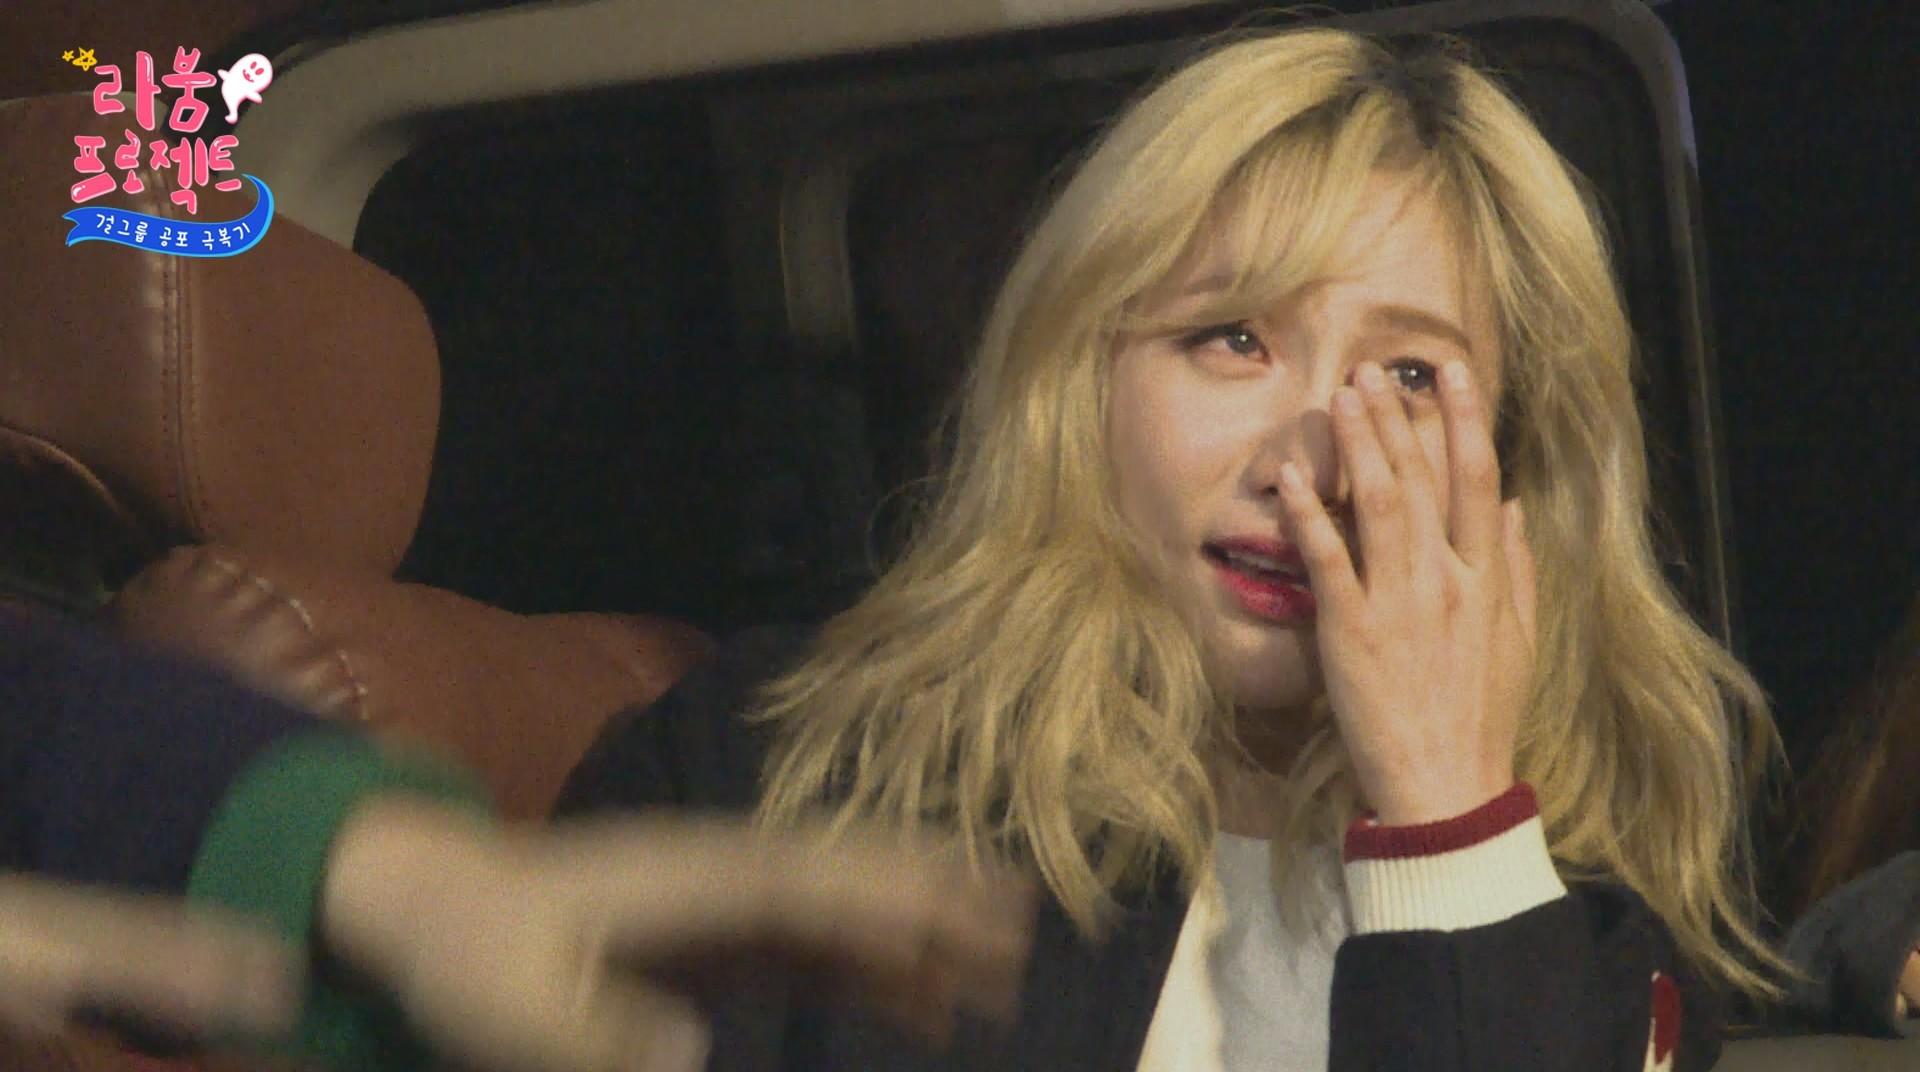 <라붐 프로젝트> 라붐 소연-지엔, 공포 미션 수행 중 결국 '눈물'